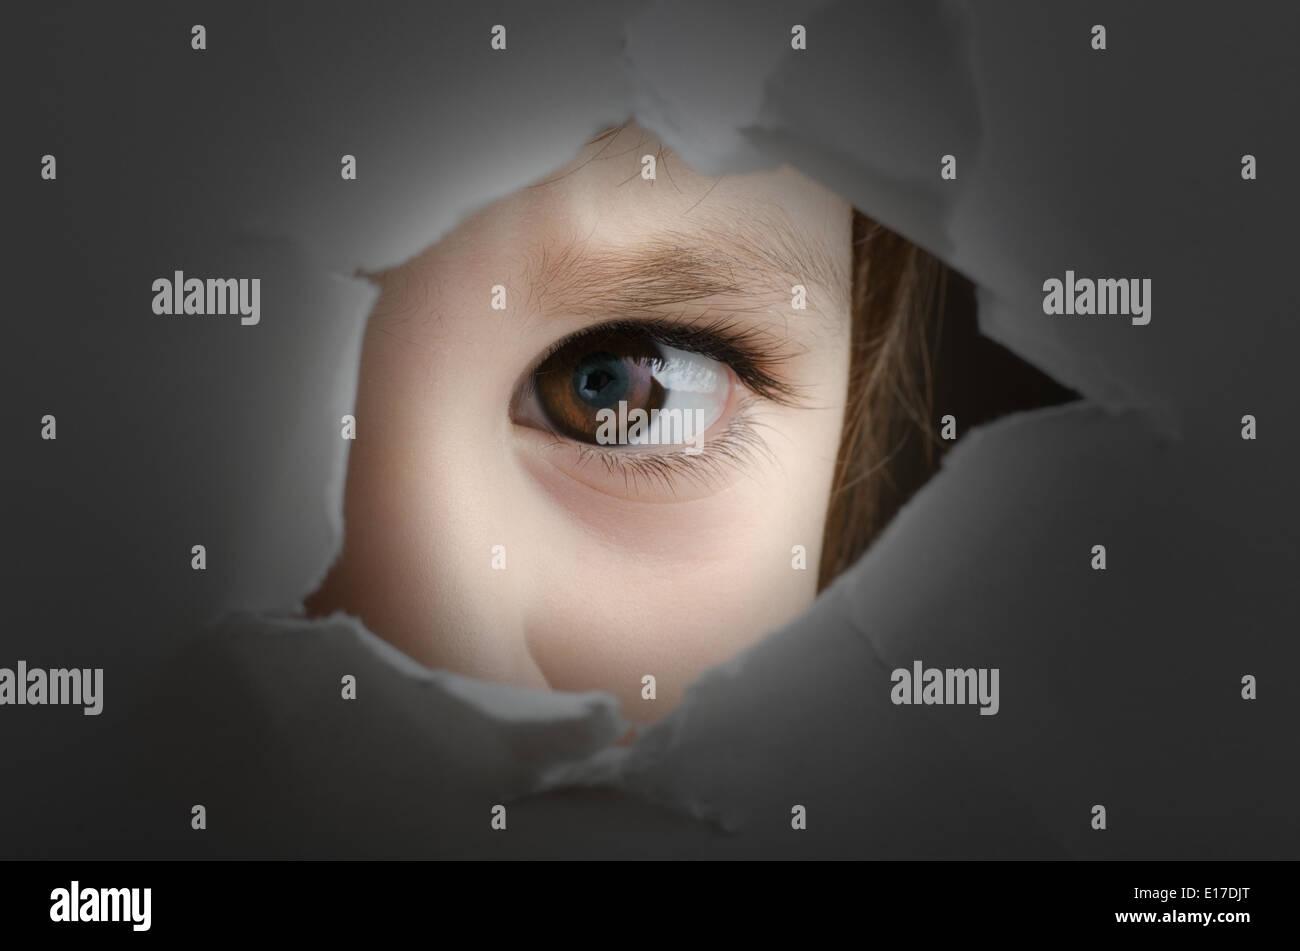 verängstigtes Kind ist durch ein Loch in der Wand Spionage. Stockfoto